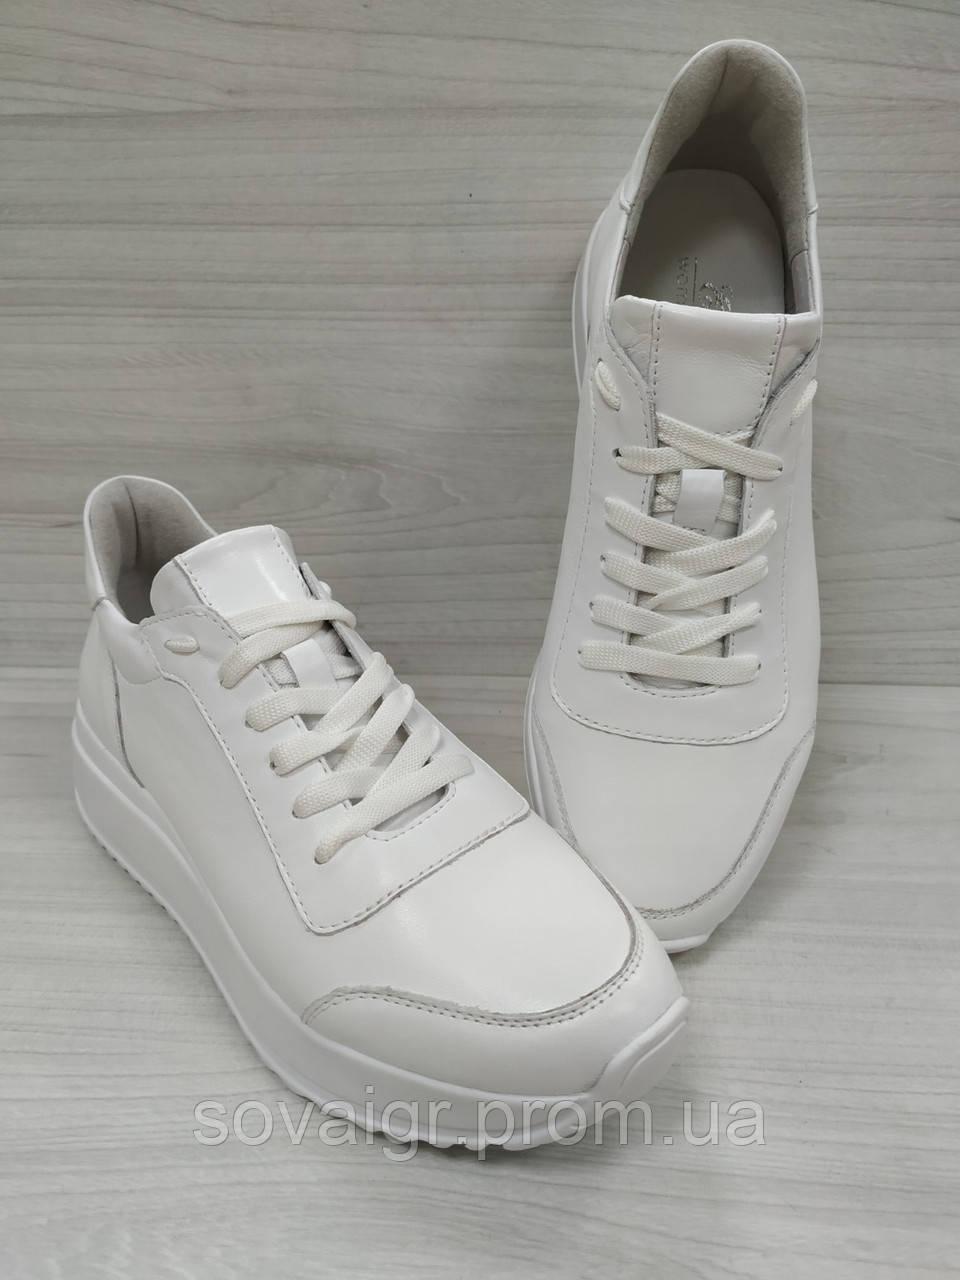 Кроссовки кожаные белые подростковые EMILI